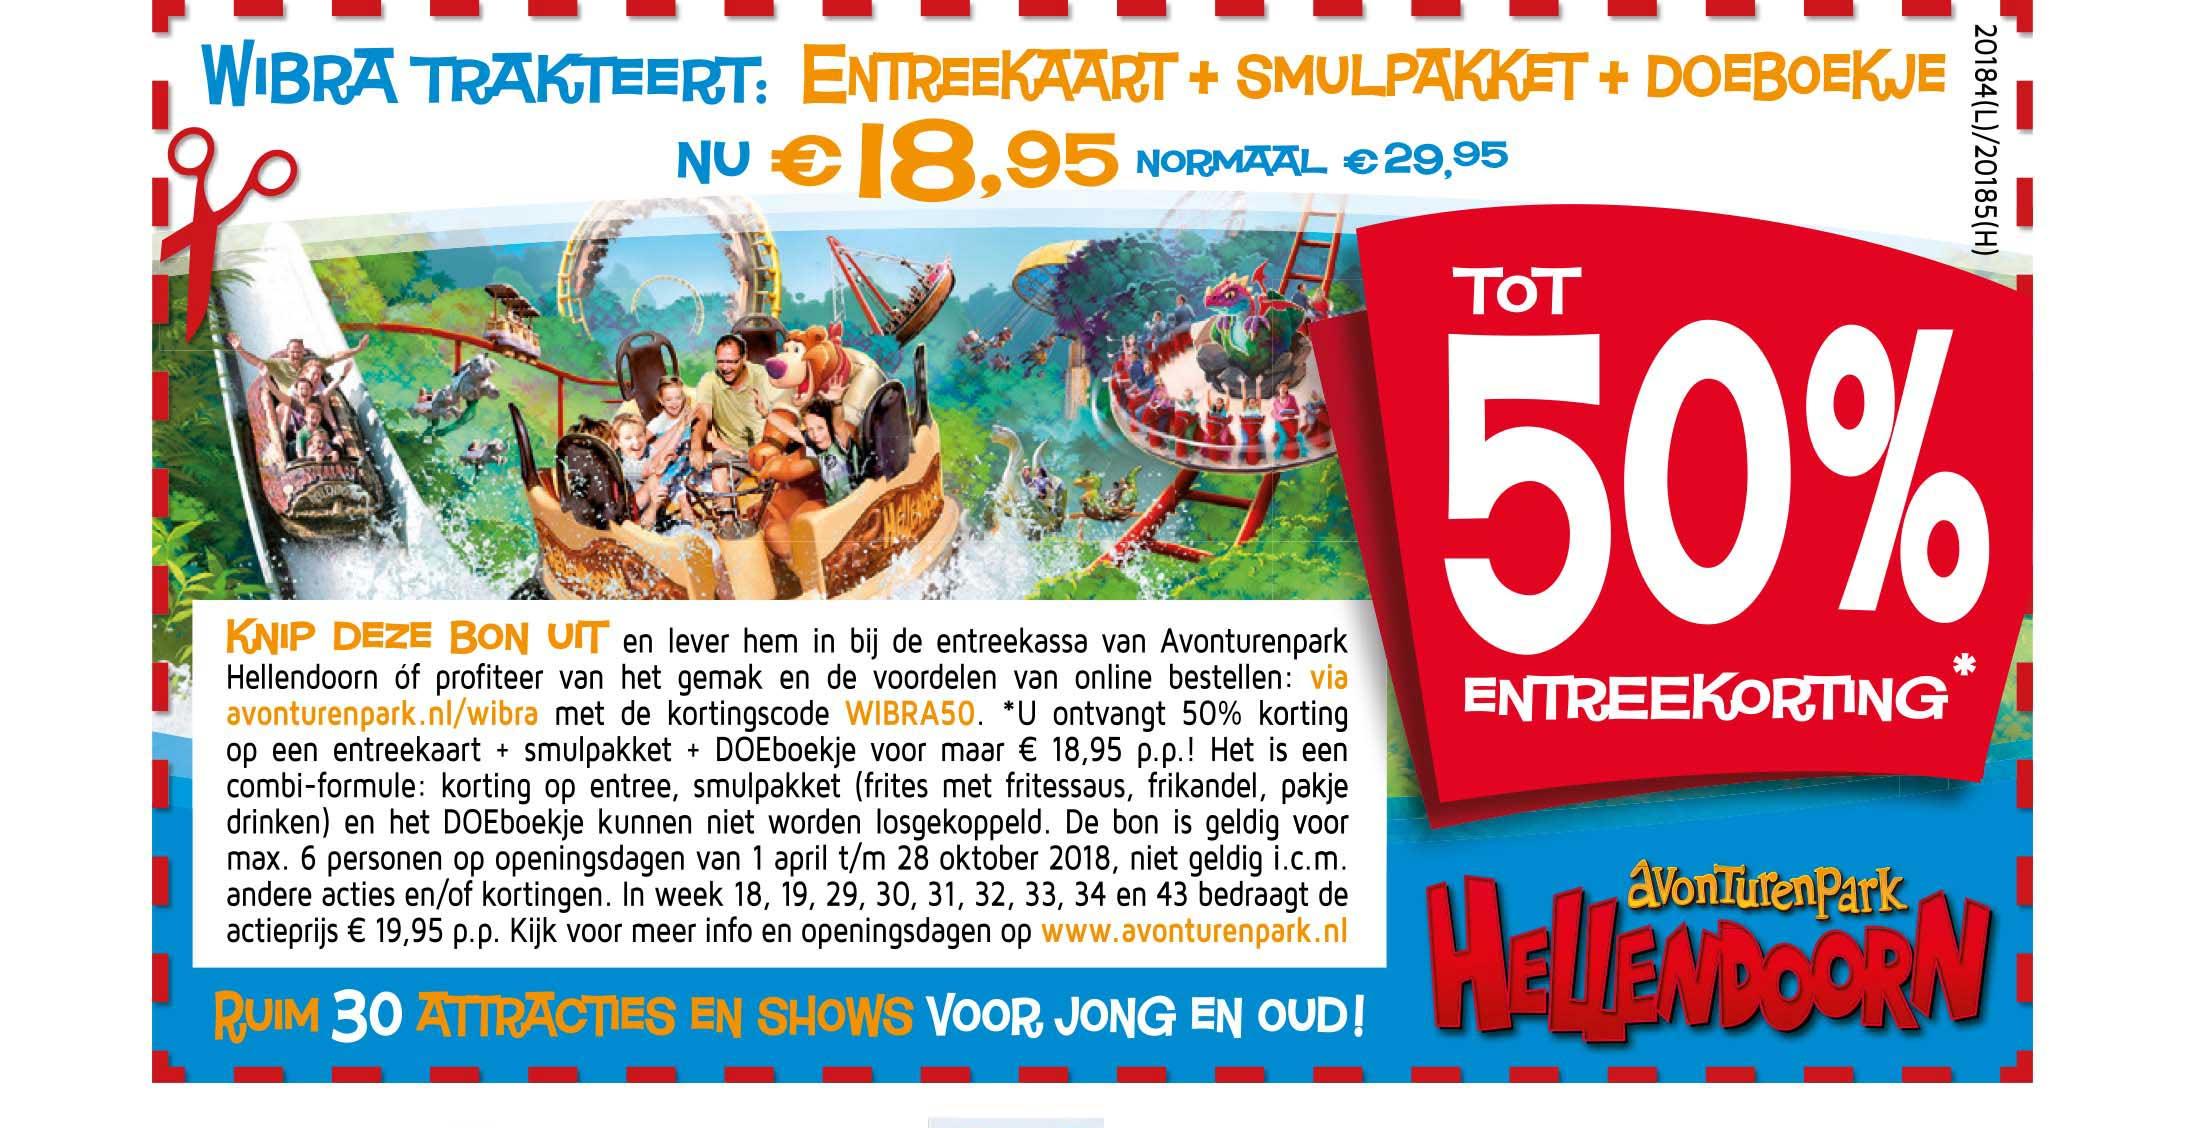 Wibra Avonturenpark Hellendoorn: Tot 50% Entreekorting